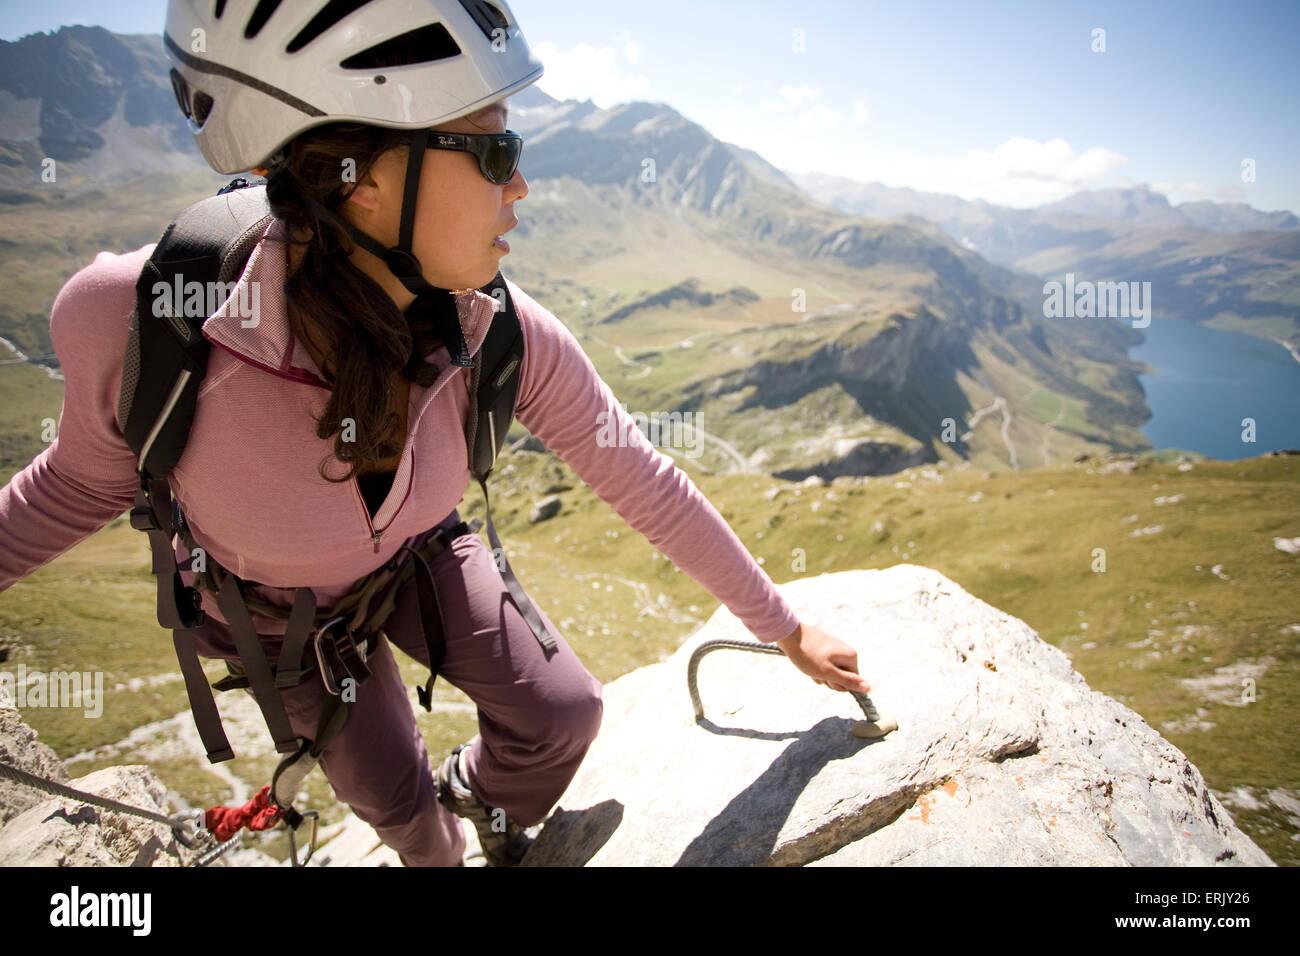 Une jeune femme prend un moment pour profiter du paysage tout en s'engageant dans le sport de la Via Ferrata Photo Stock